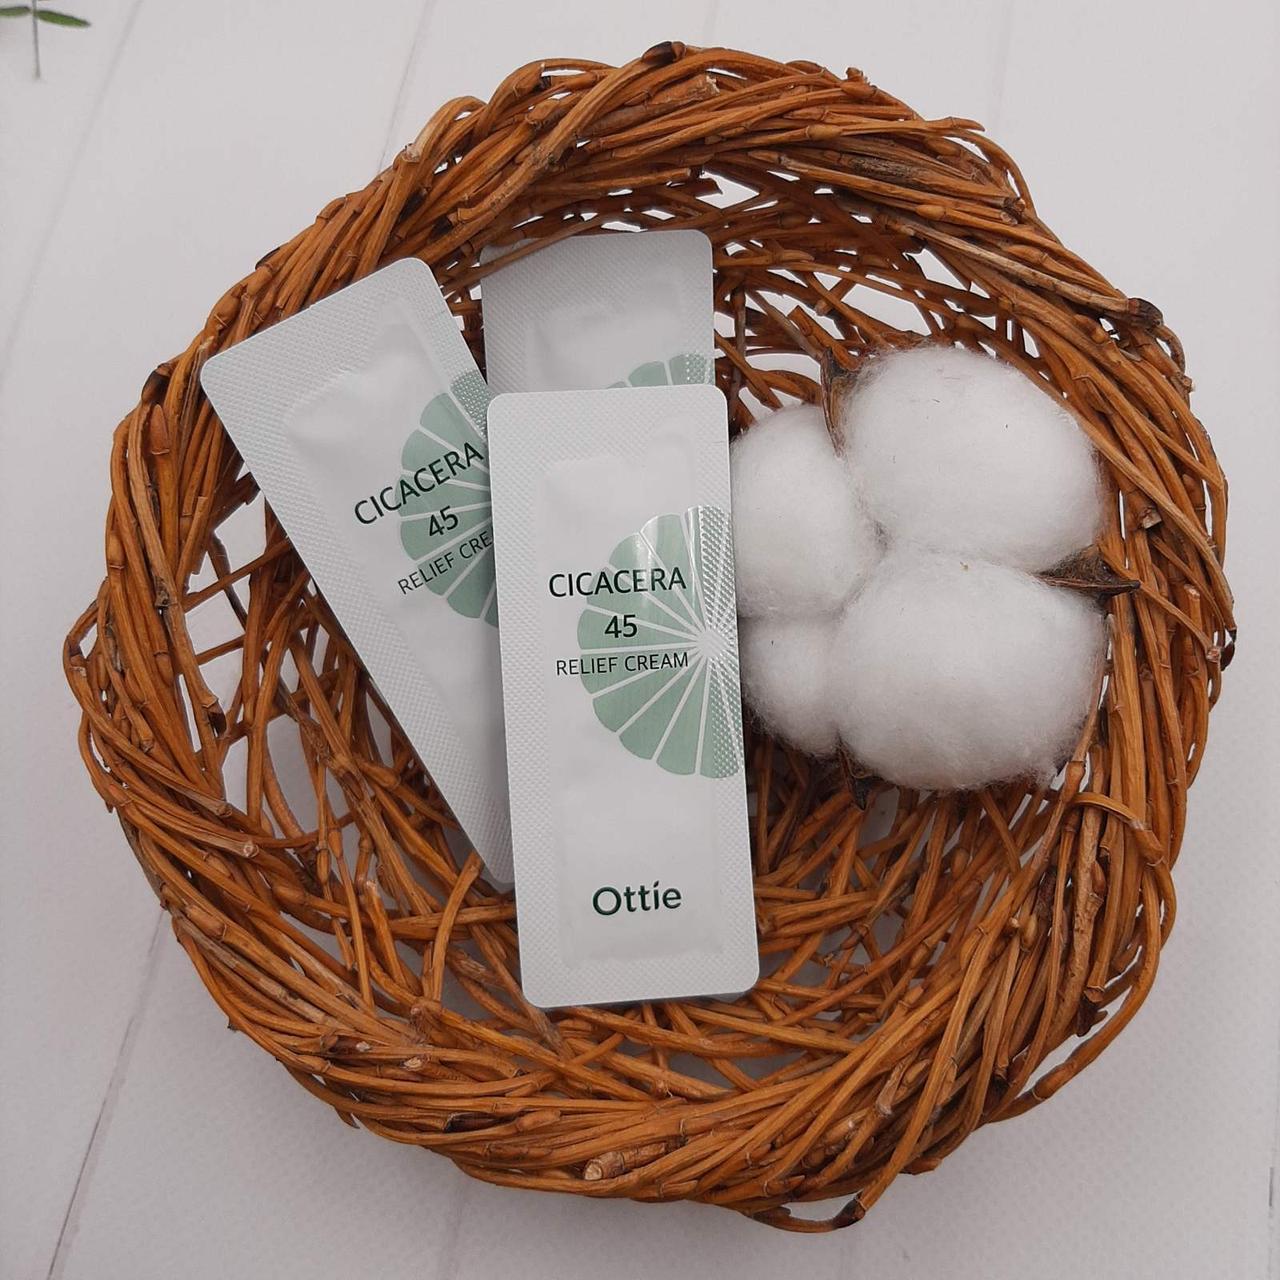 Увлажняющий защитный крем Ottie Cicacera 45 Relief Cream